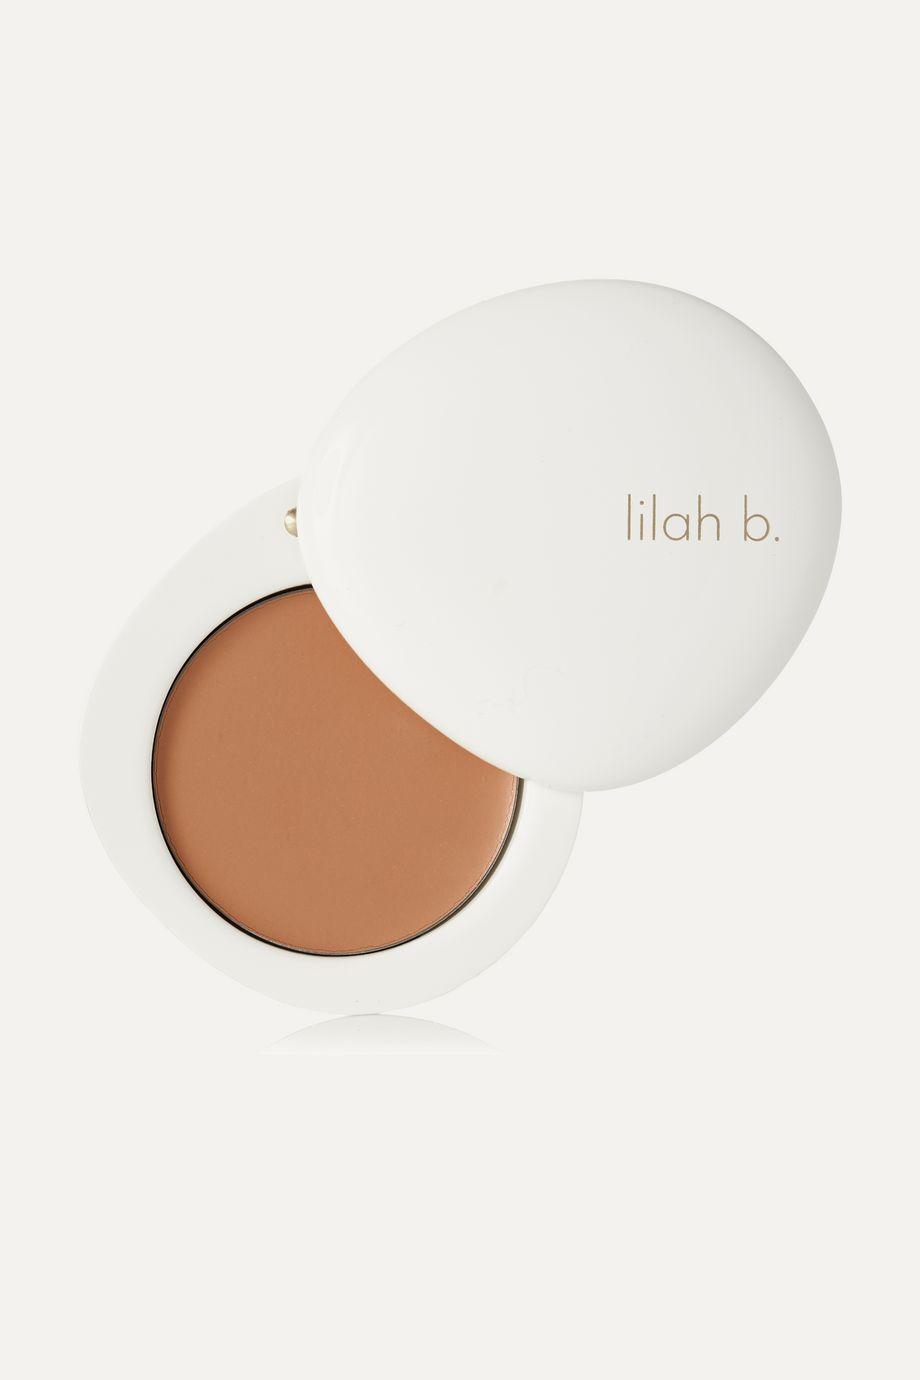 Lilah B. Virtuous Veil™ Concealer & Eye Primer - b.polished